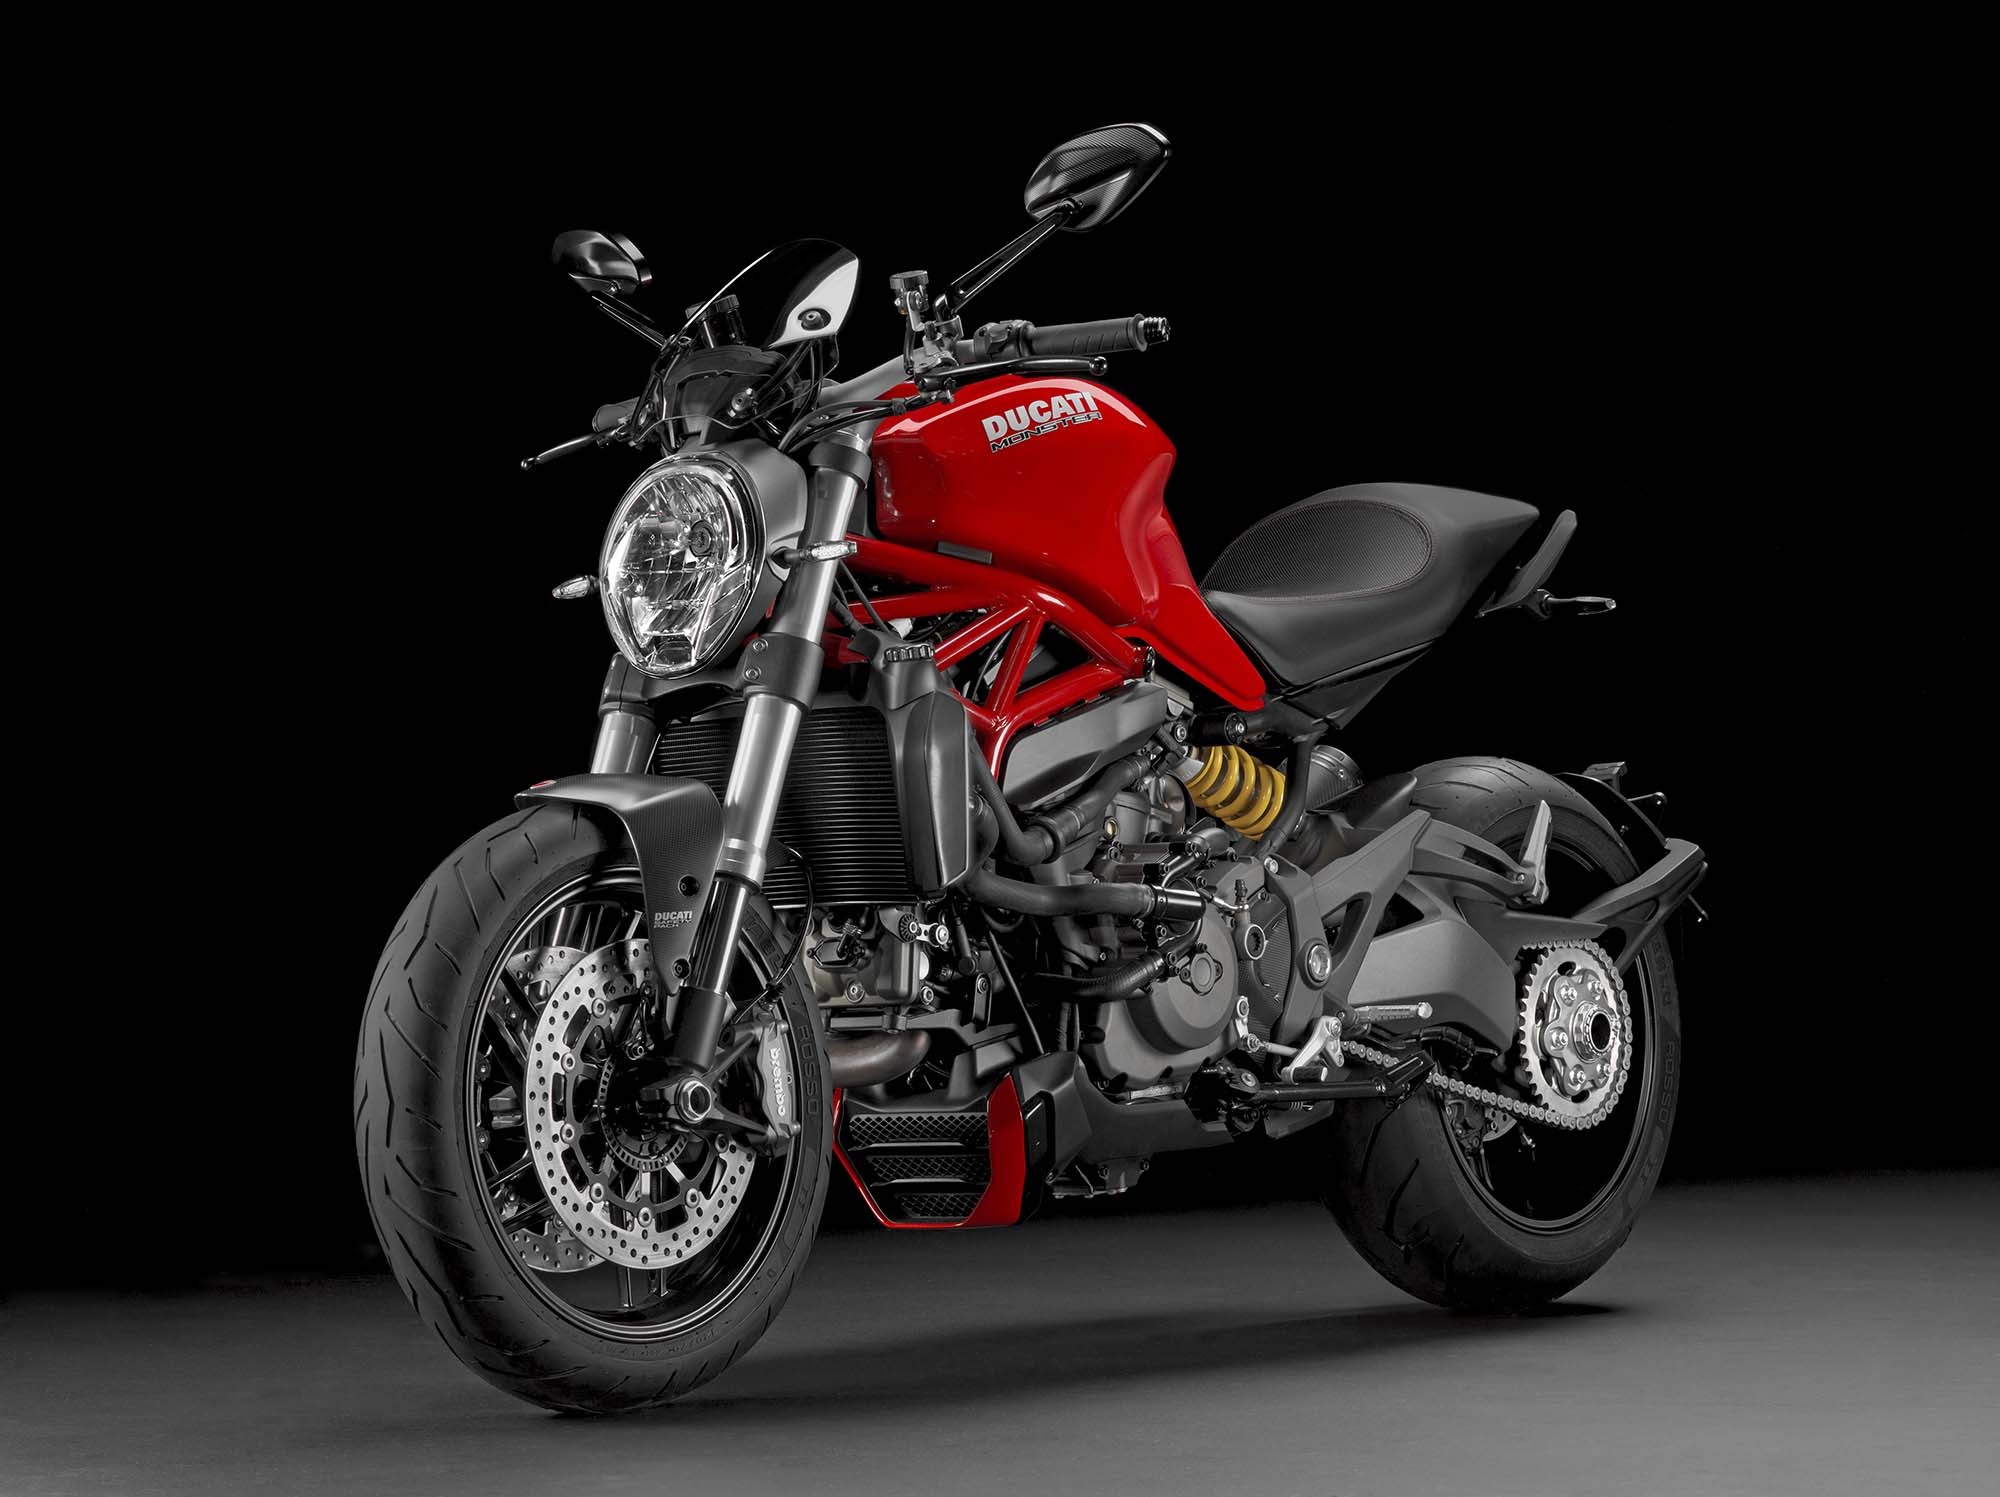 Ducatis new Monster 1200R - thecherrycreeknews.com